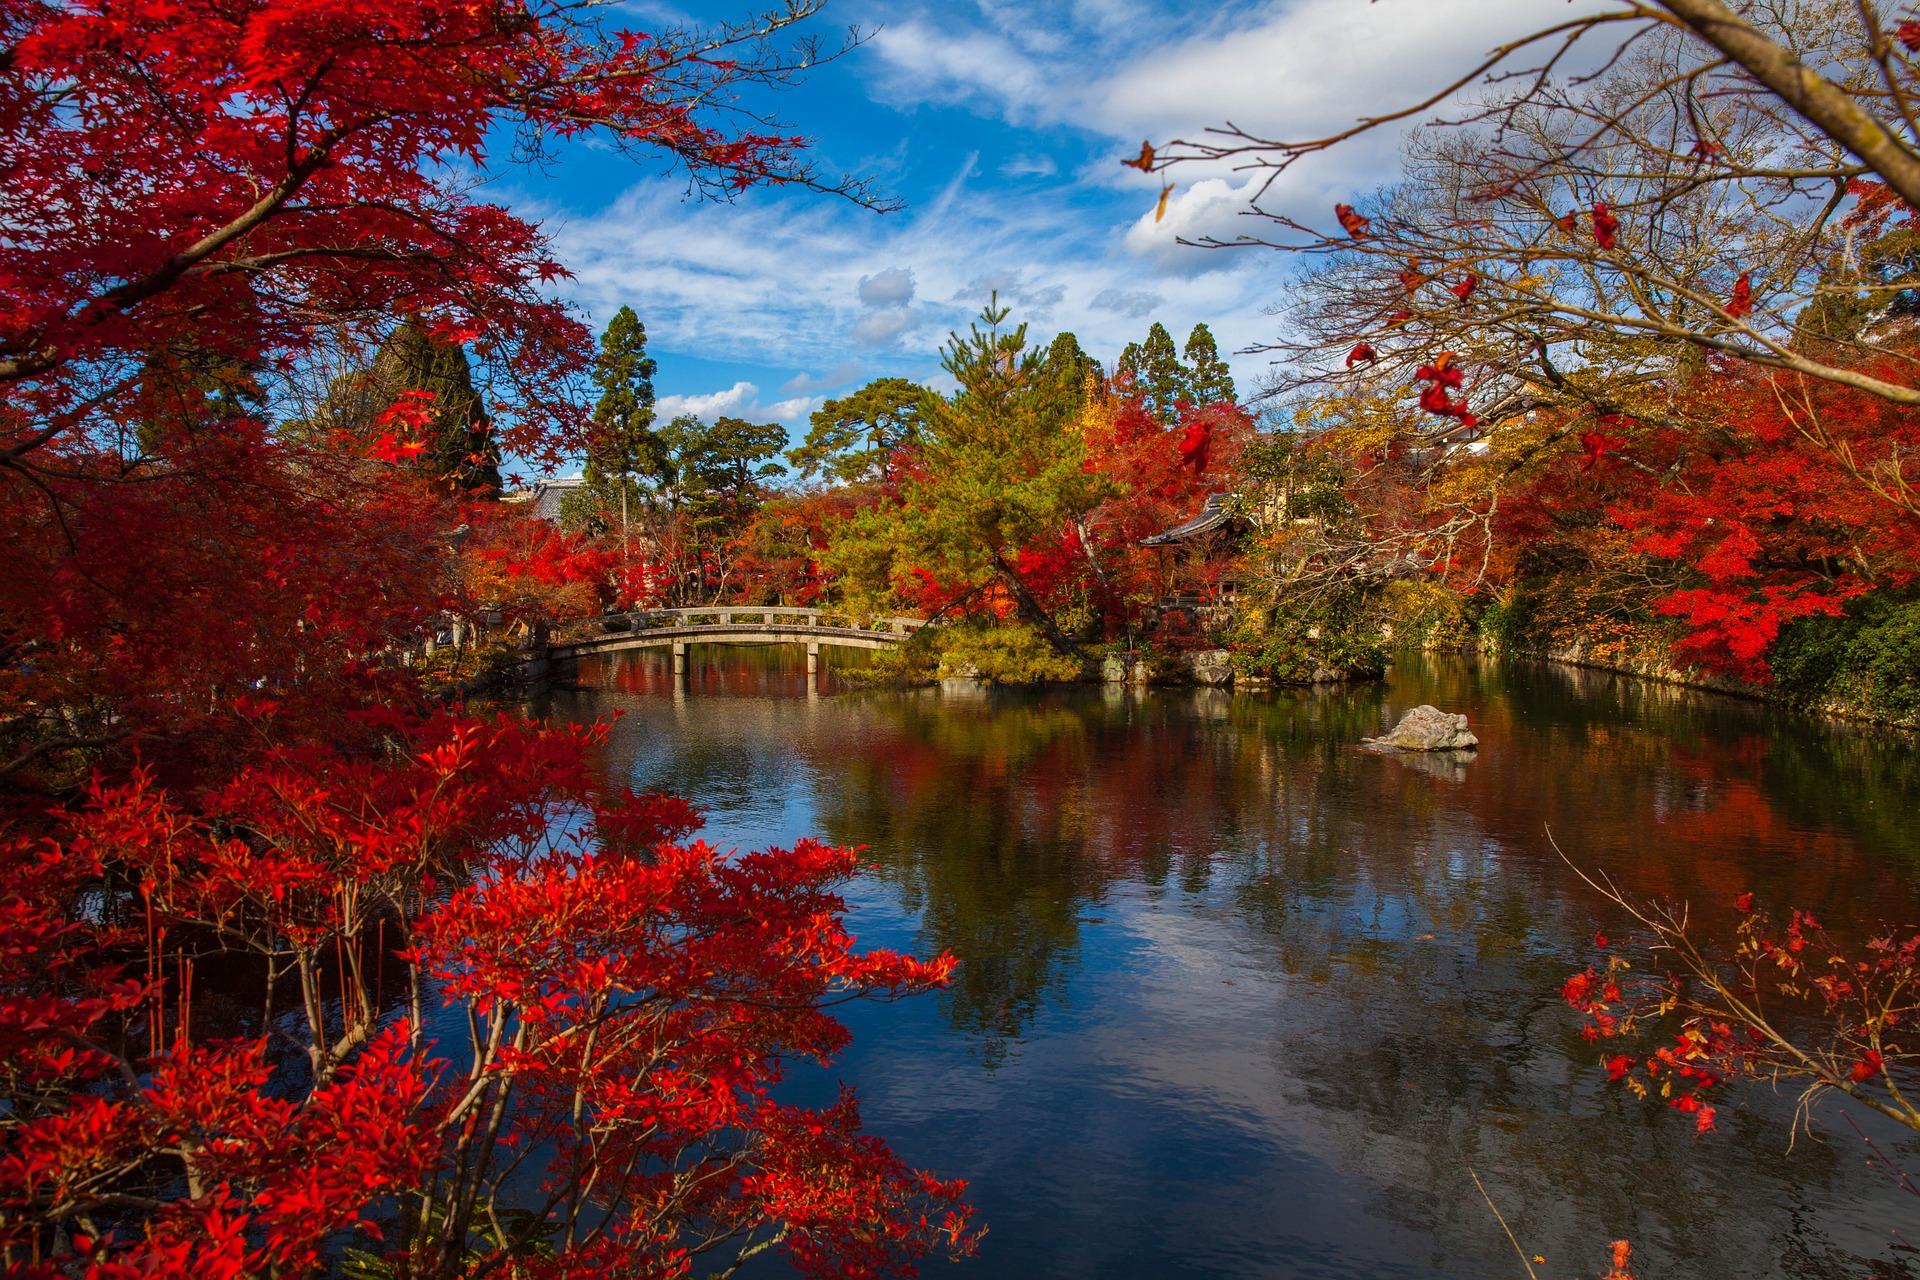 Nenhum outono é tão vermelho quanto o de Kyoto, no Japão. Crédito: